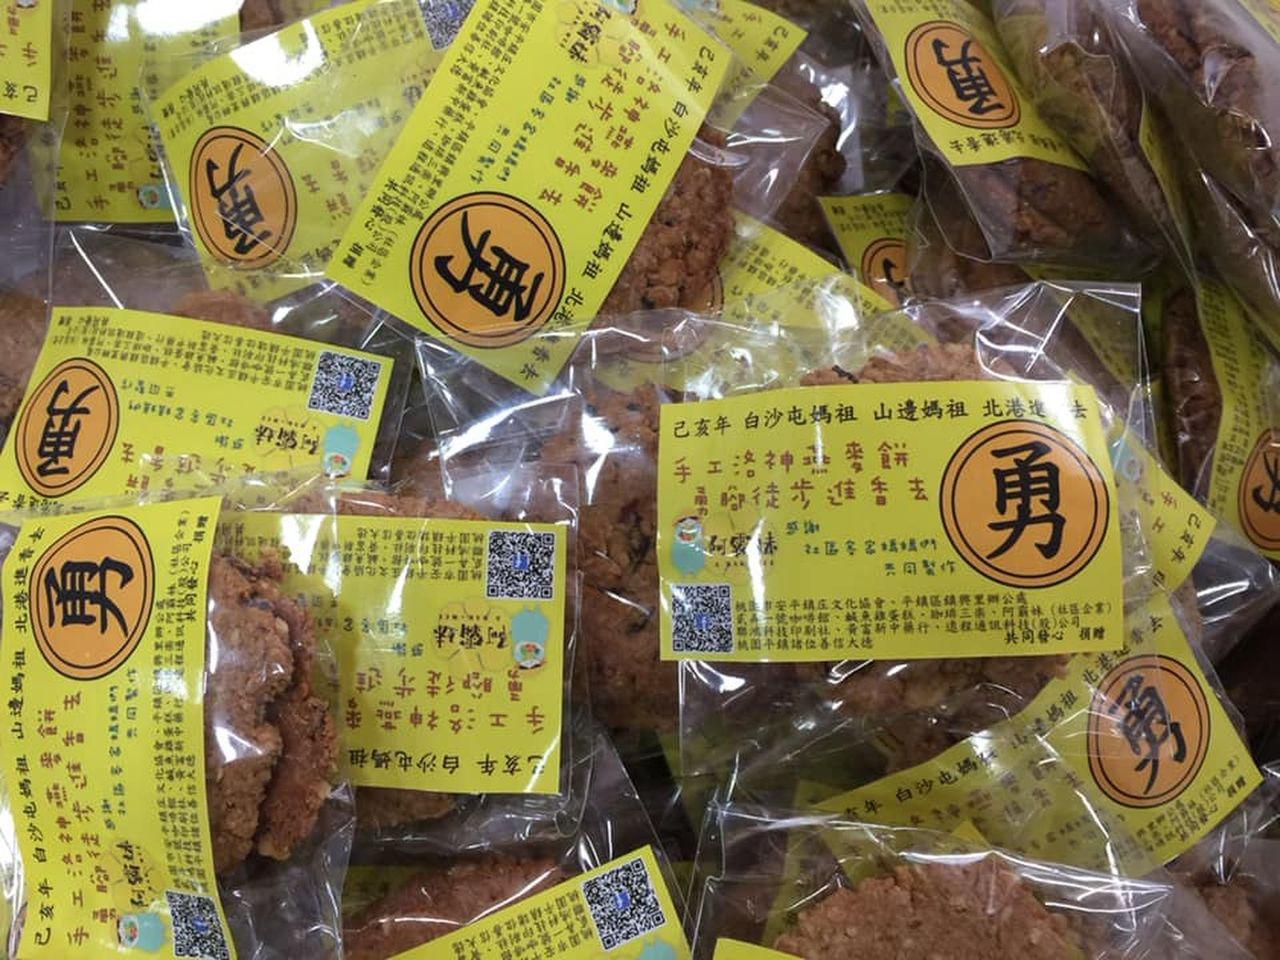 桃園市平鎮區鎮興里民募款,以「阿霸妹生活站」品牌,自製洛神燕麥餅乾做結緣品,追隨...